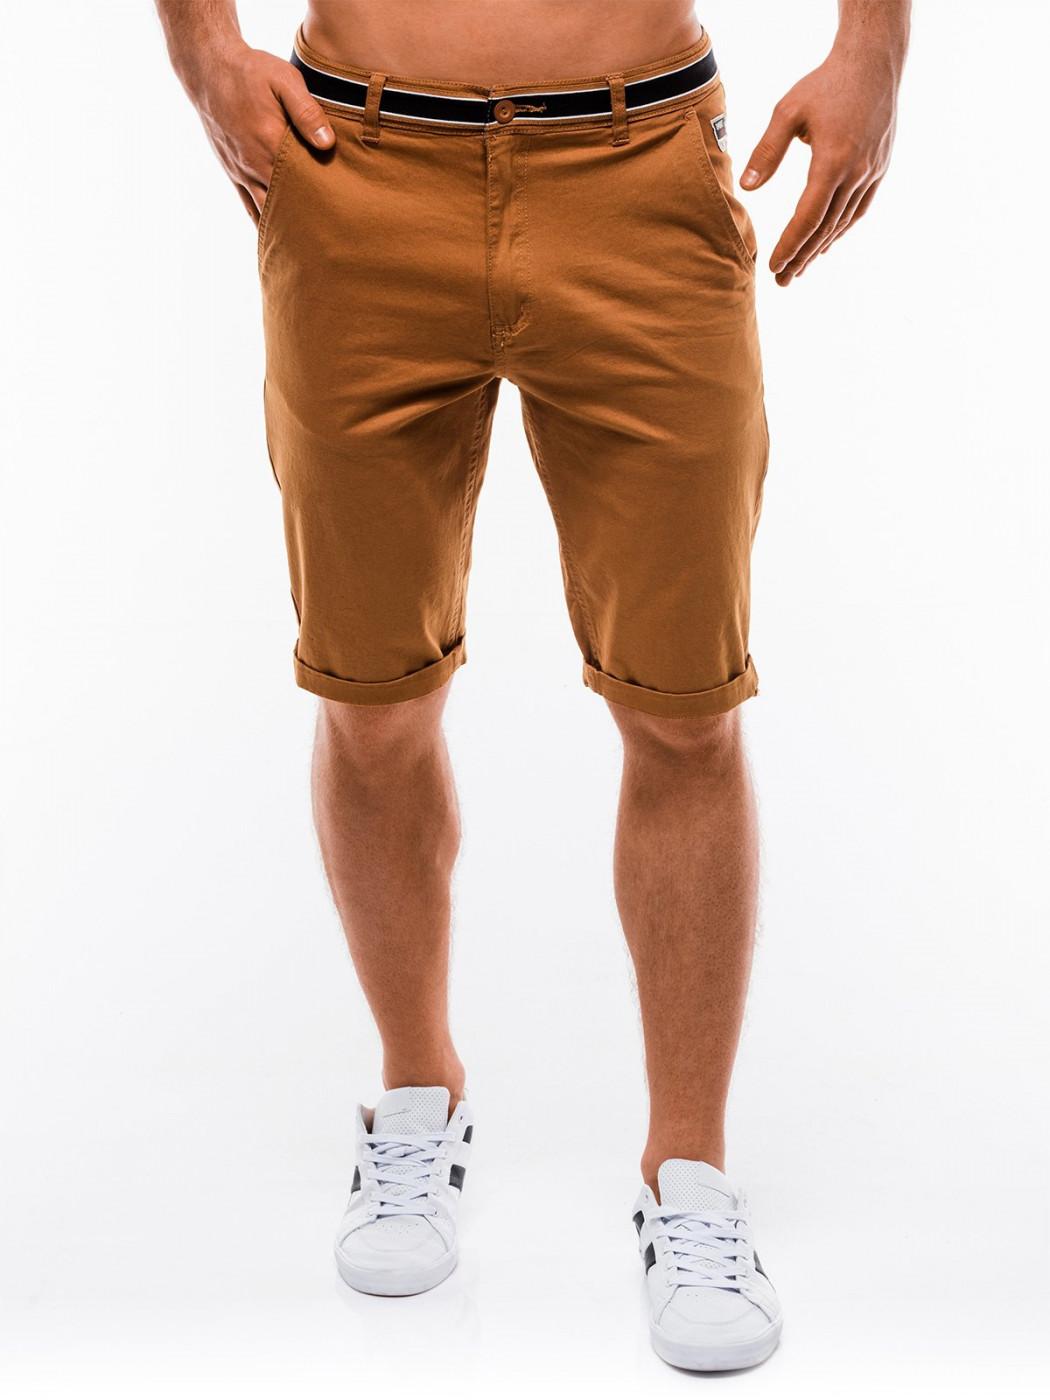 0ea1013fc71 Ombre Clothing Men's bermuda shorts P402 - FACTCOOL